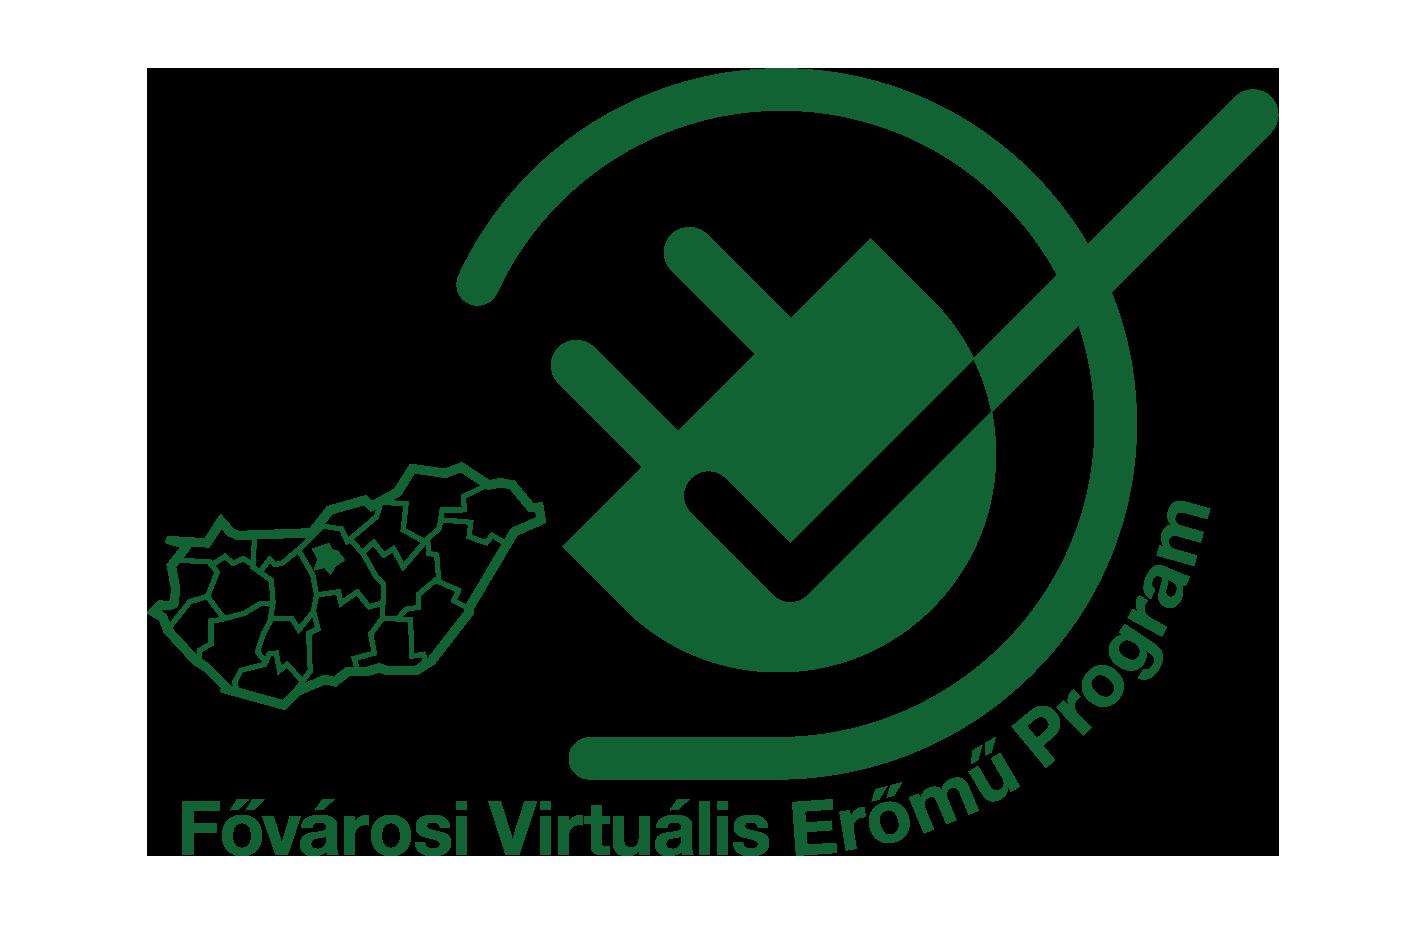 Fovarosi_virtualis_eromu_logo.png